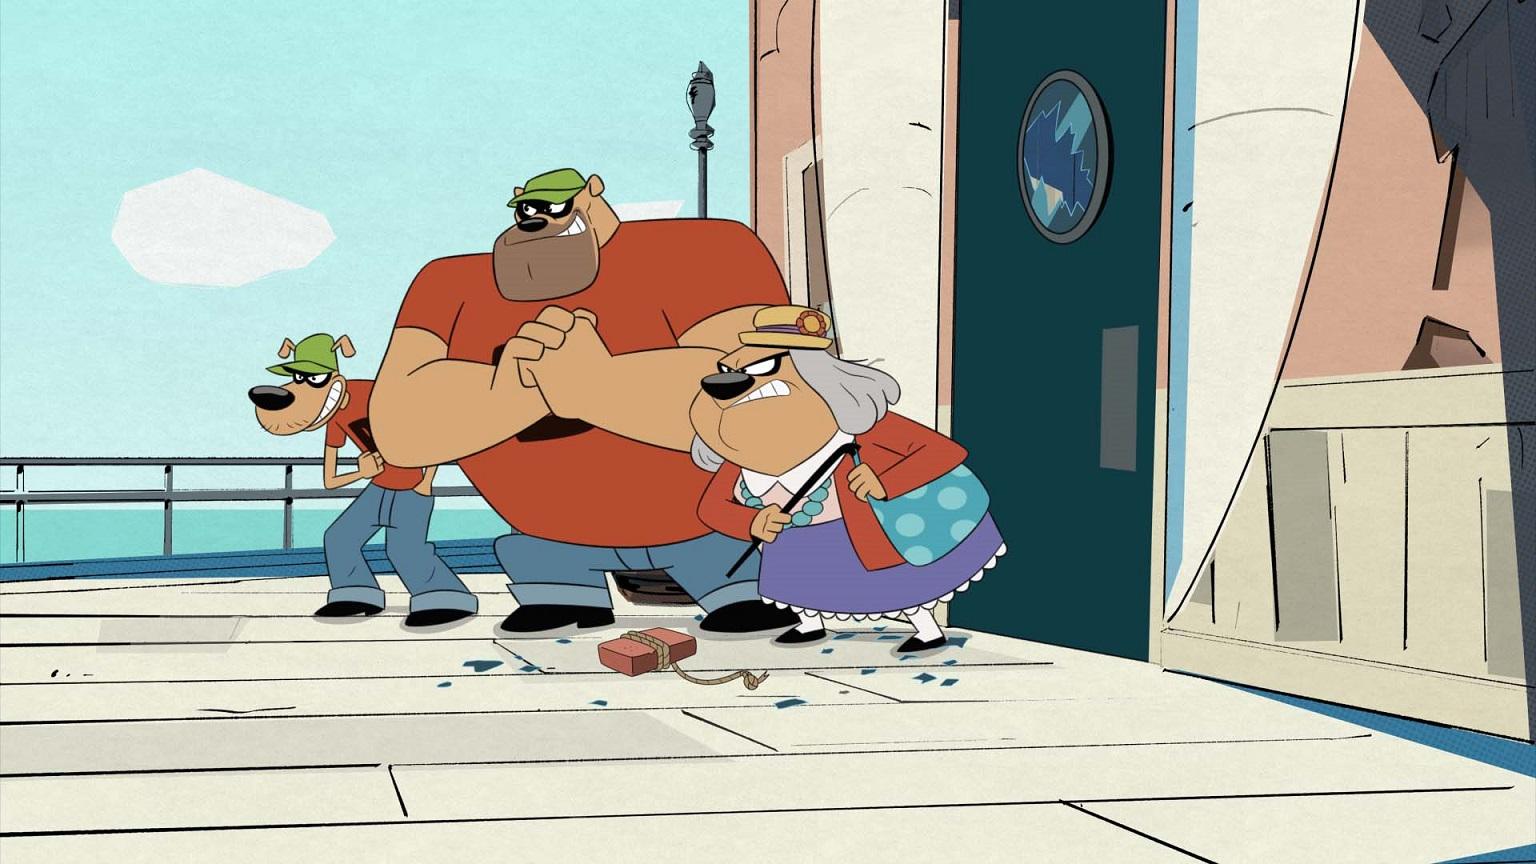 Os Irmãos Metralha. os mais famosos ladrões do mundo. Imagem Disney XD